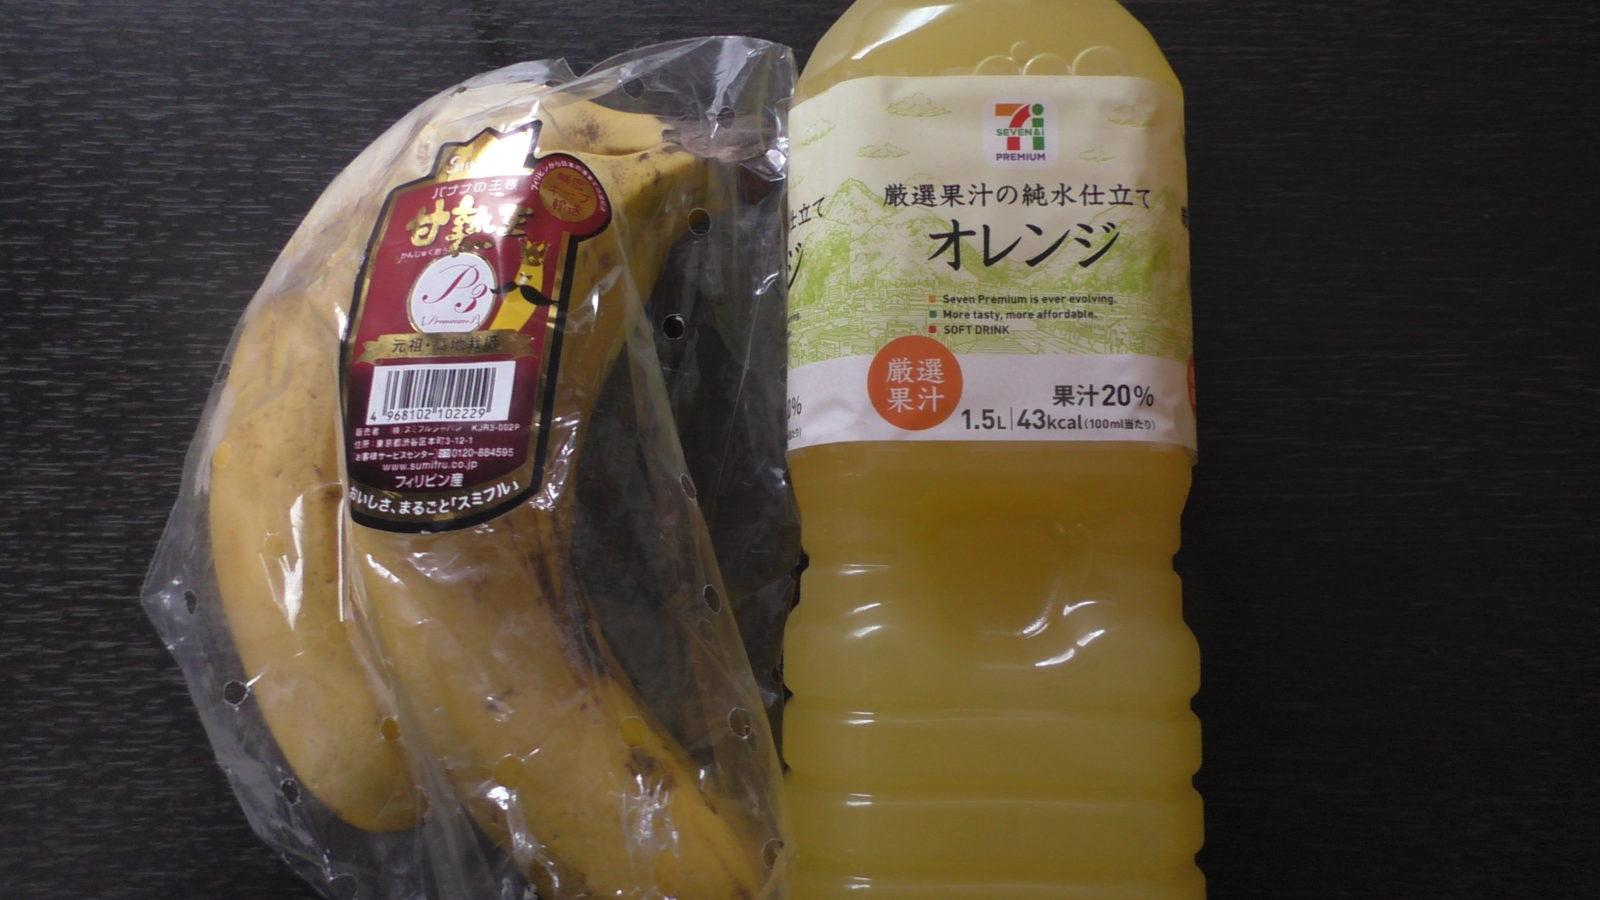 バナナとオレンジジュース